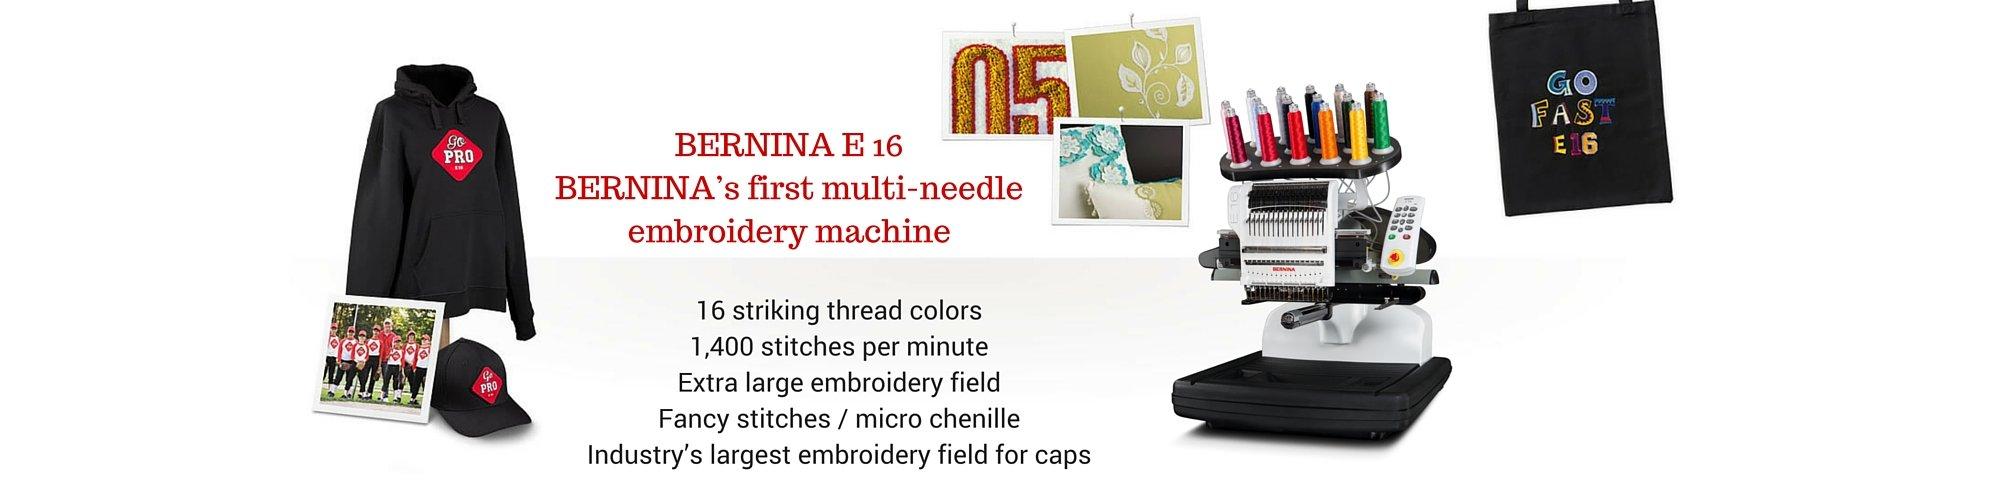 BERNINA E16 | Lola Pink Fabrics